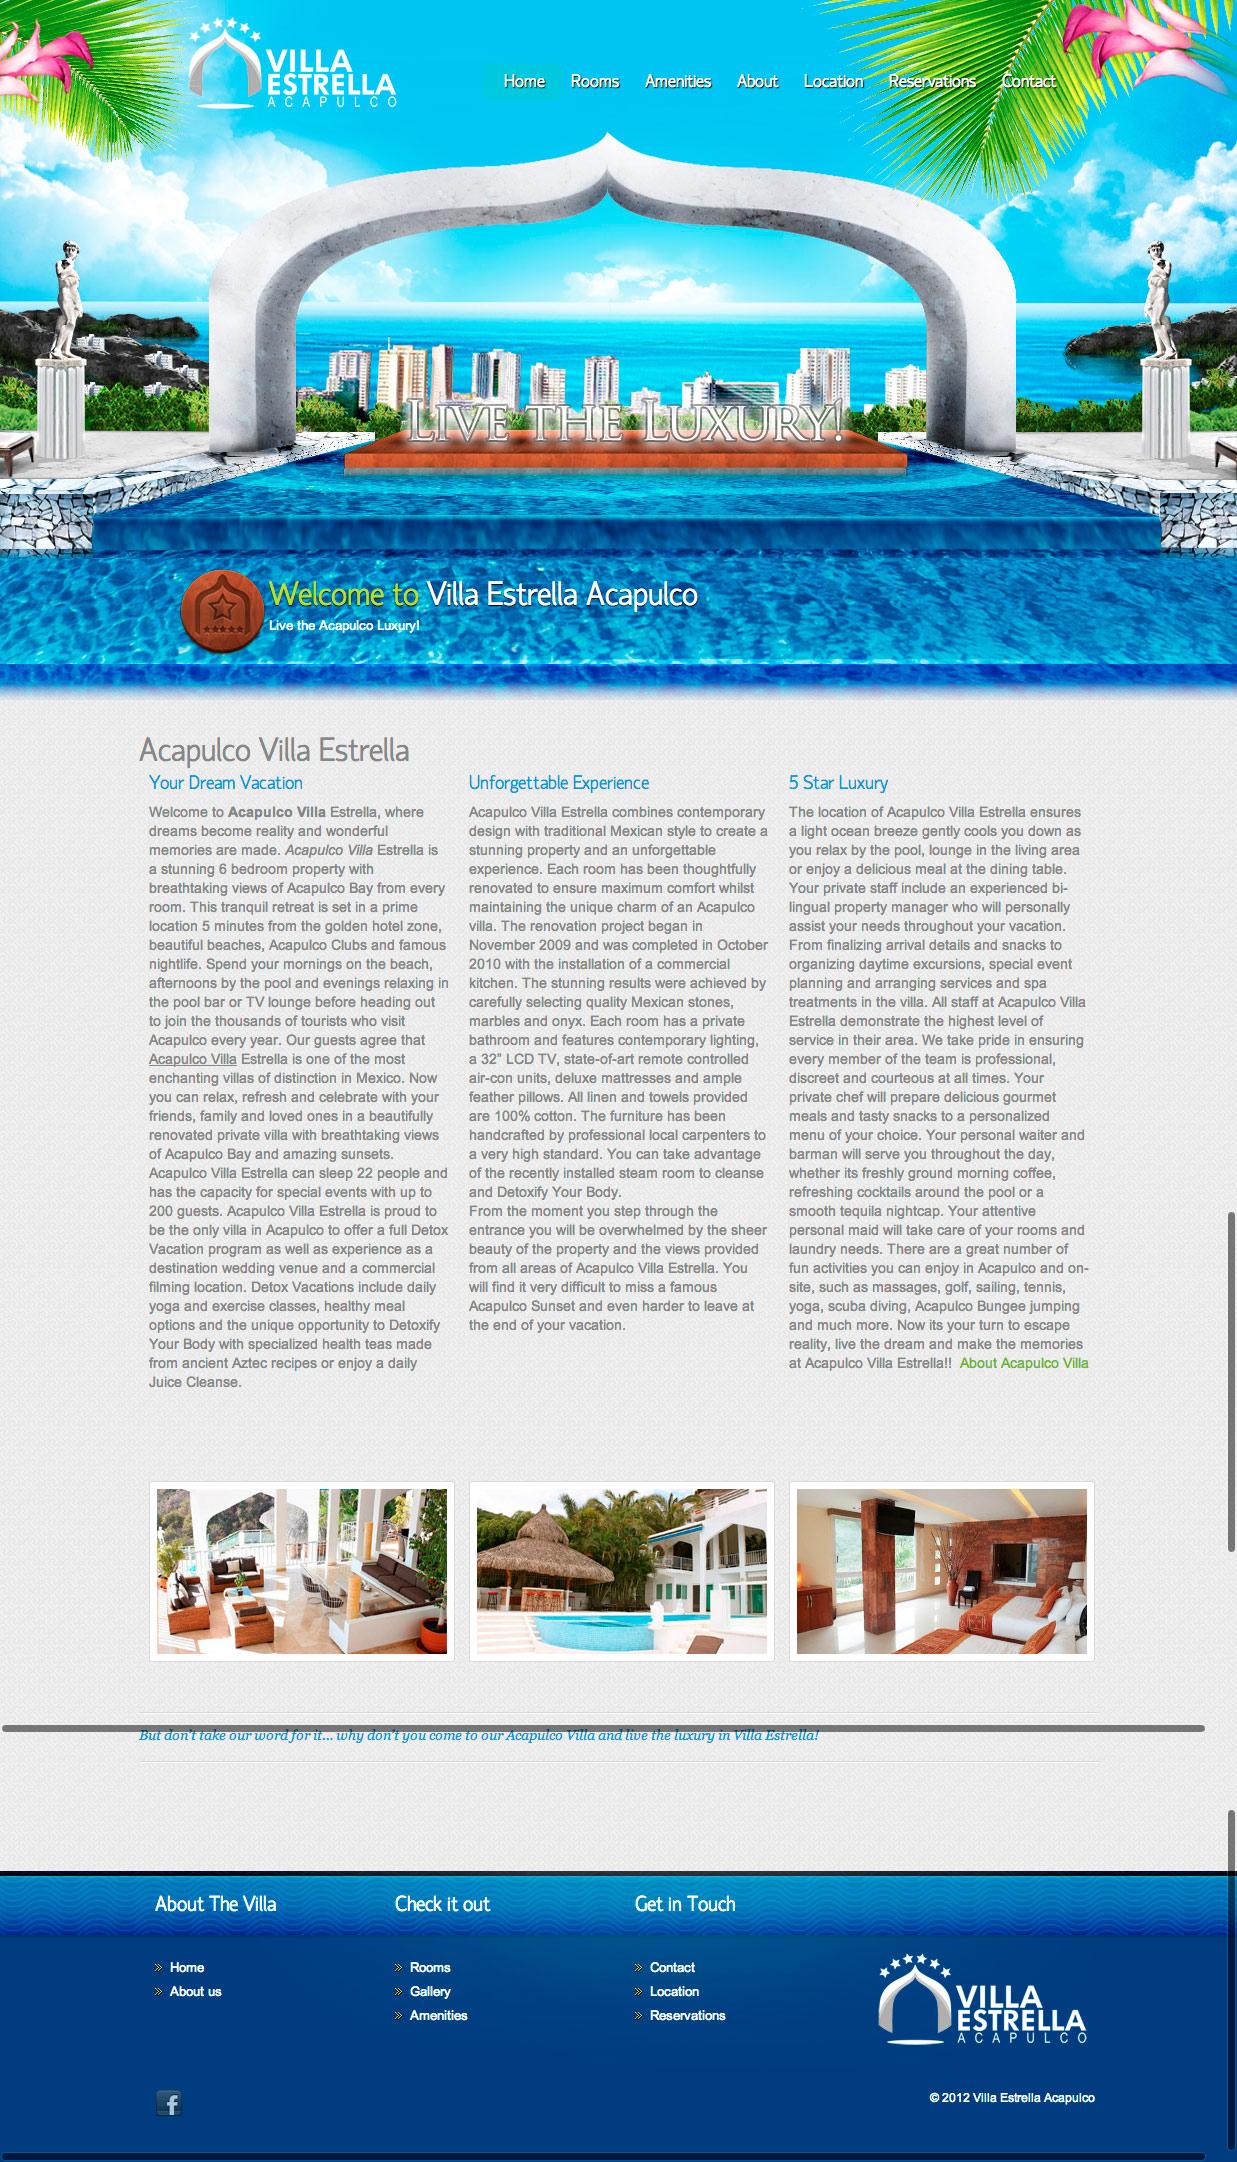 Acapulco Villa Estrella Website Design